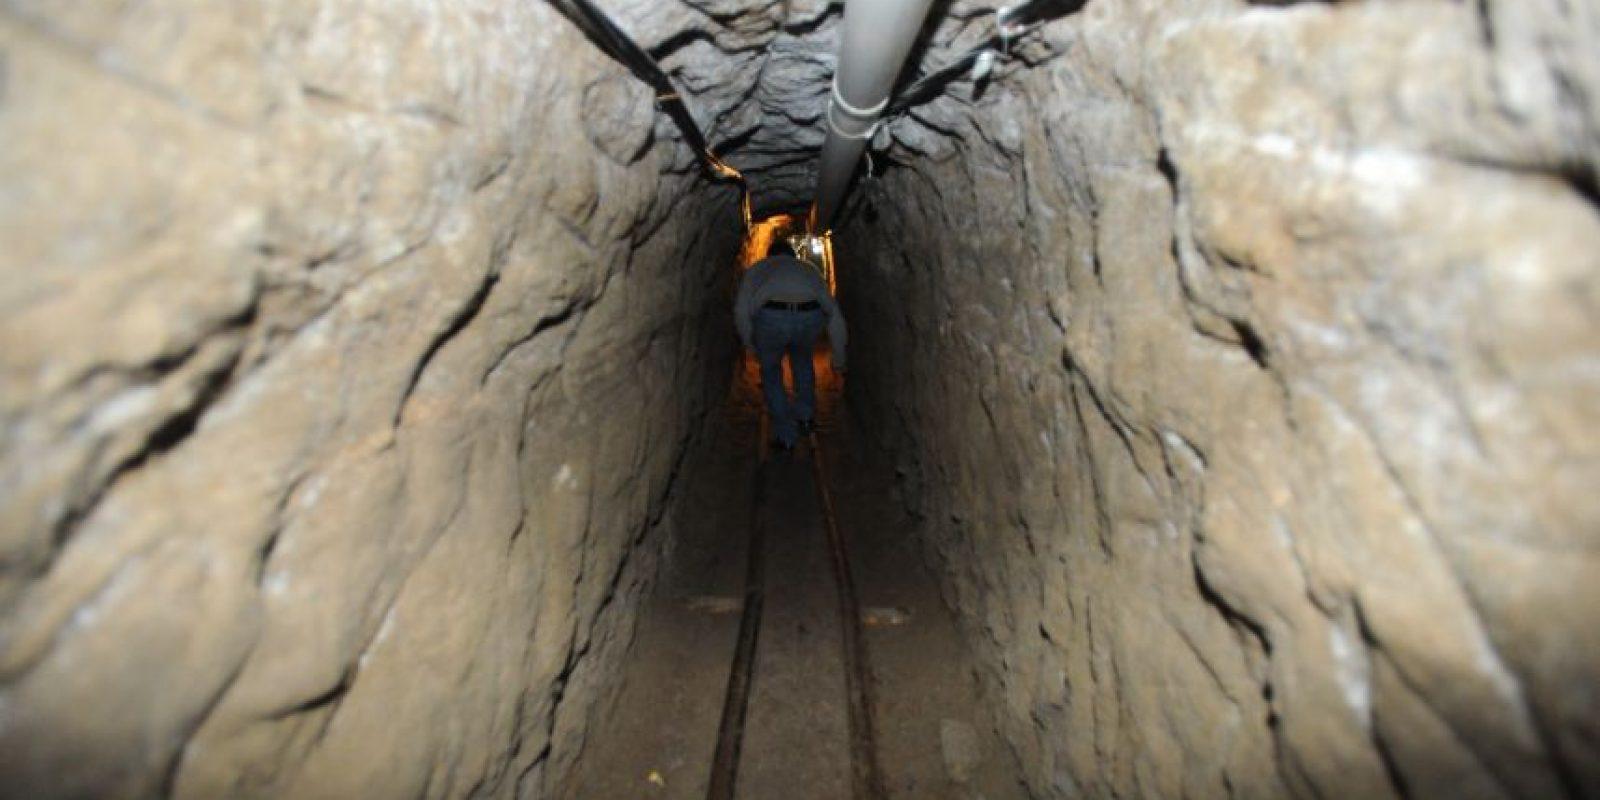 Túnel por donde se fugó Guzmán Loera, el 11 de julio de 2015 Foto:Cuartoscuro/Archivo